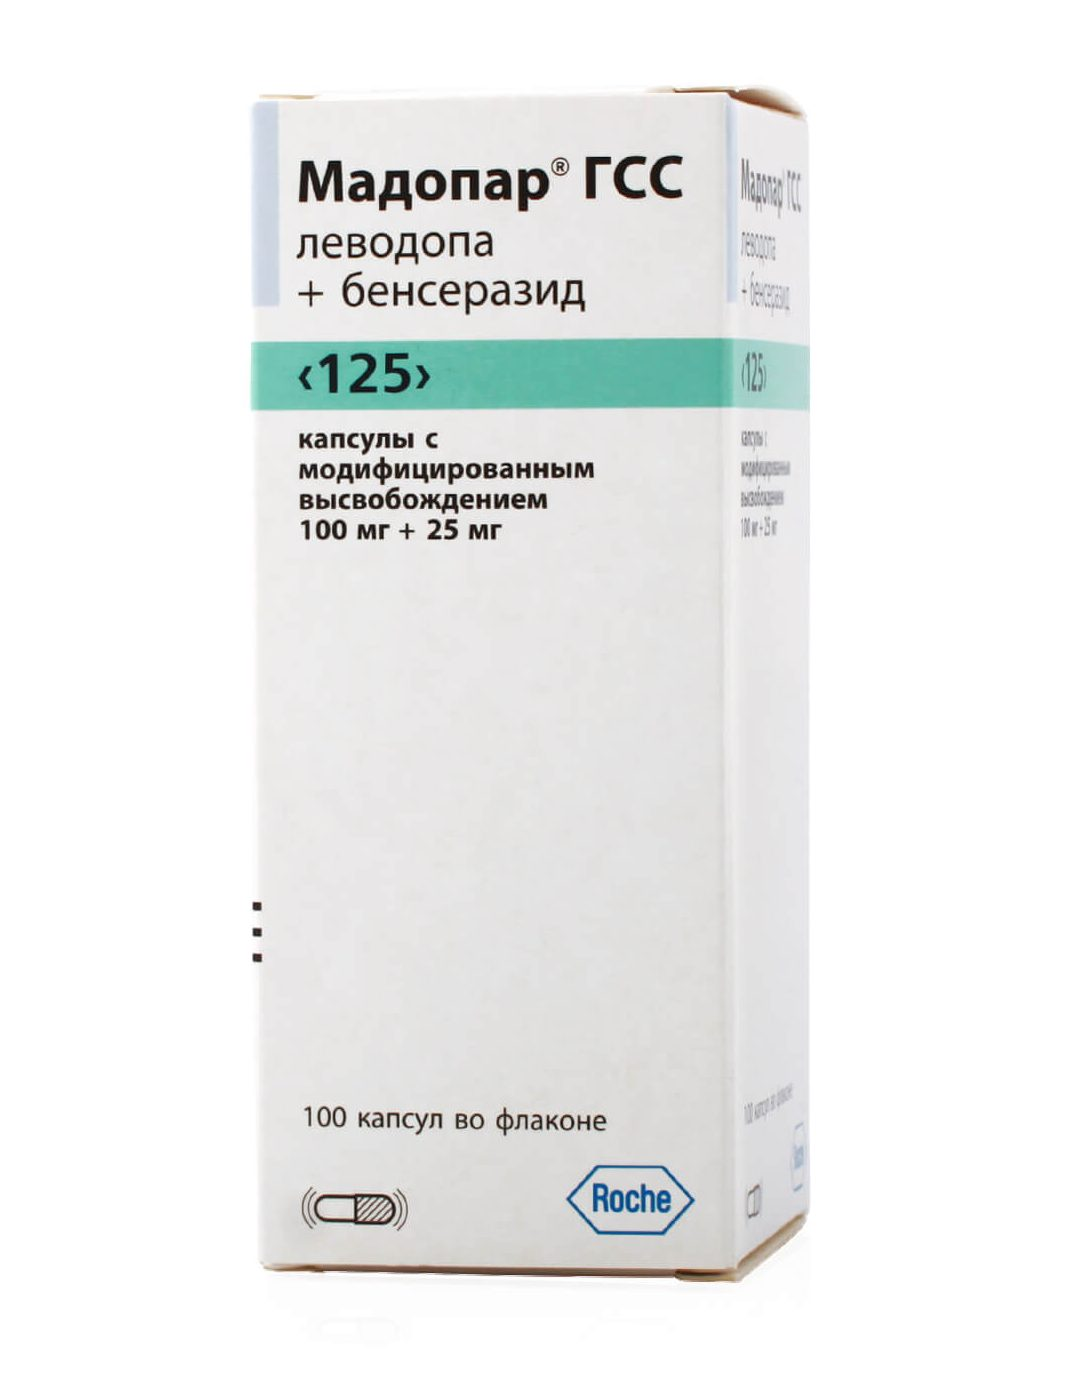 Мадопар ГСС 125: инструкция по применению капсул